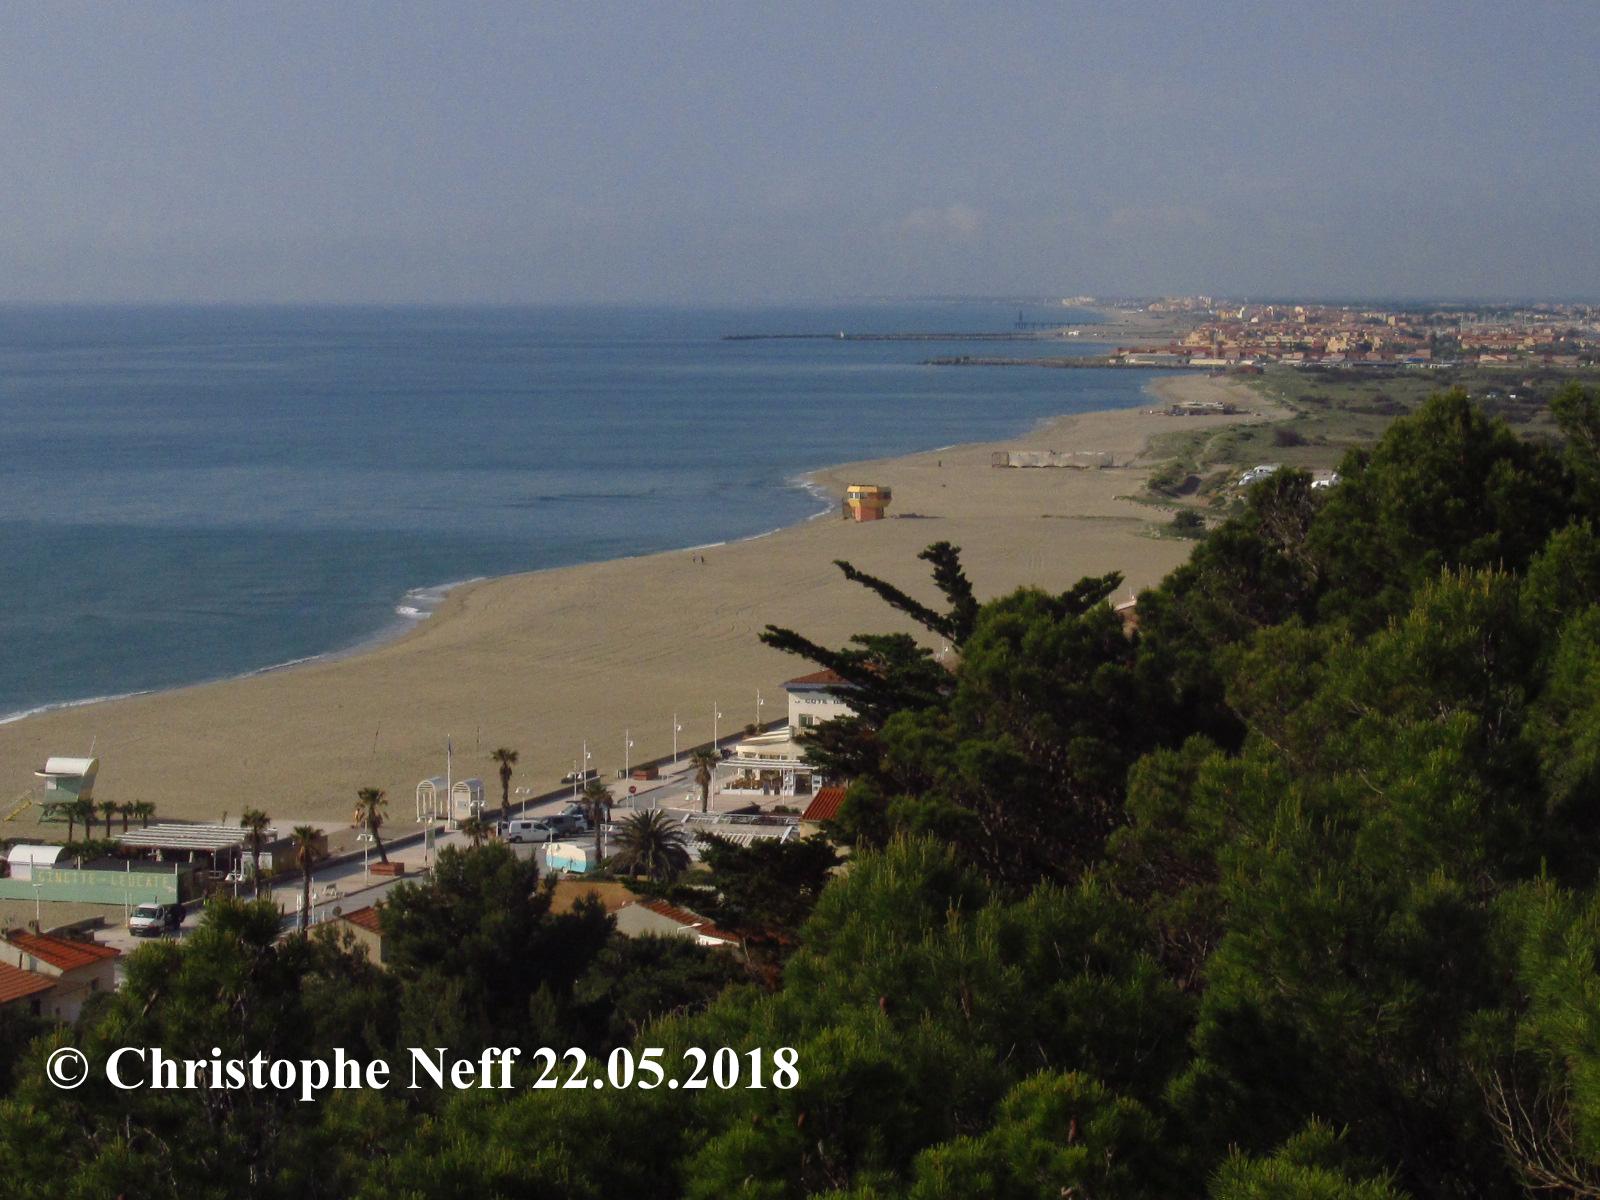 Vue sur Leucate plage et Lido de Leucate (22.05.2018)